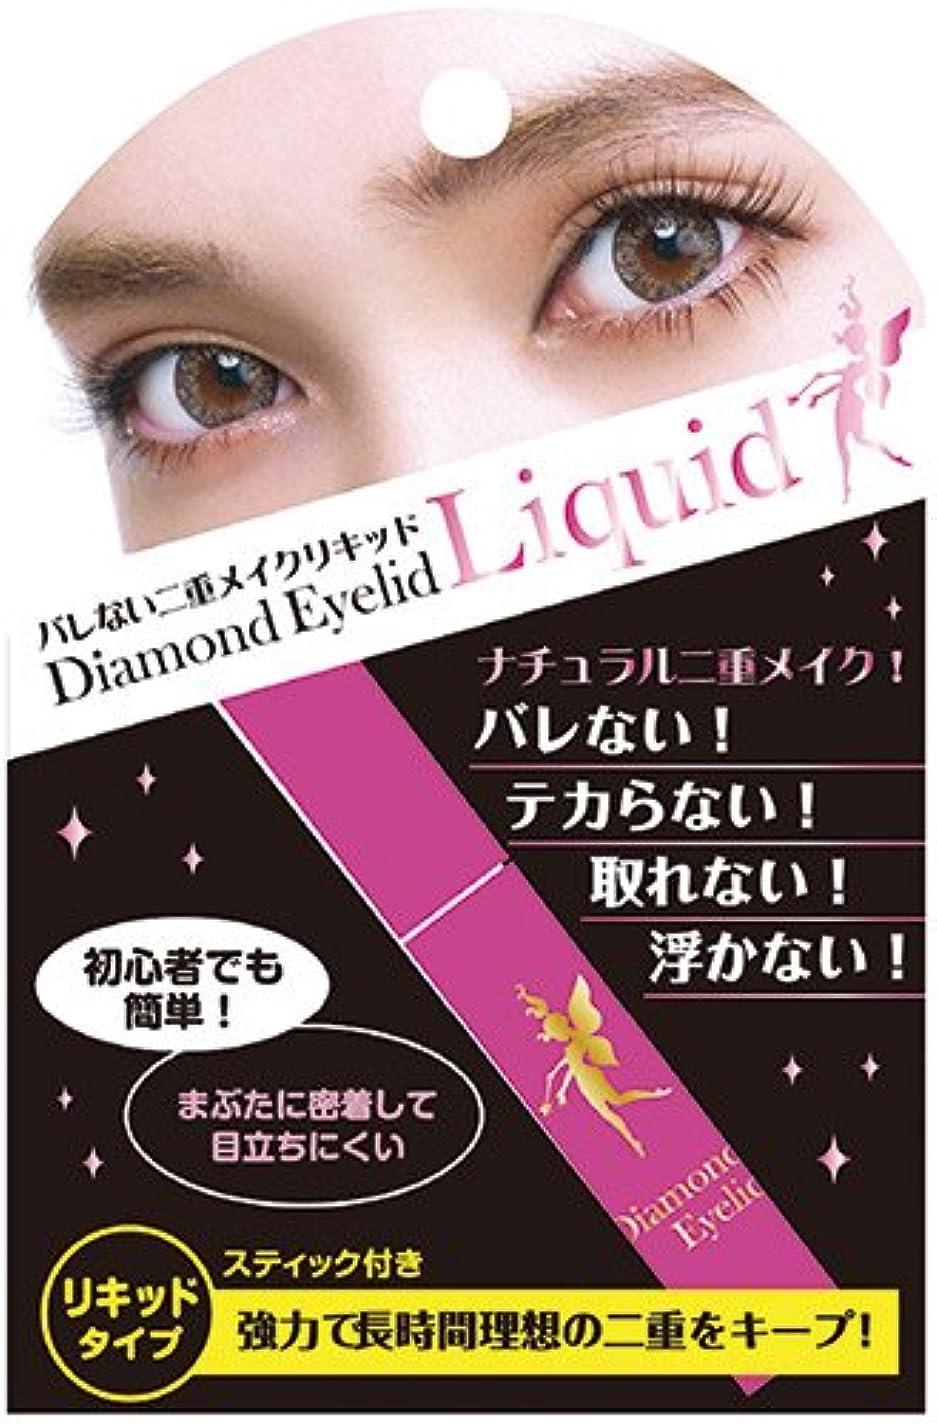 サラミわな滴下ダイヤモンドアイリッド リキッド 3ml